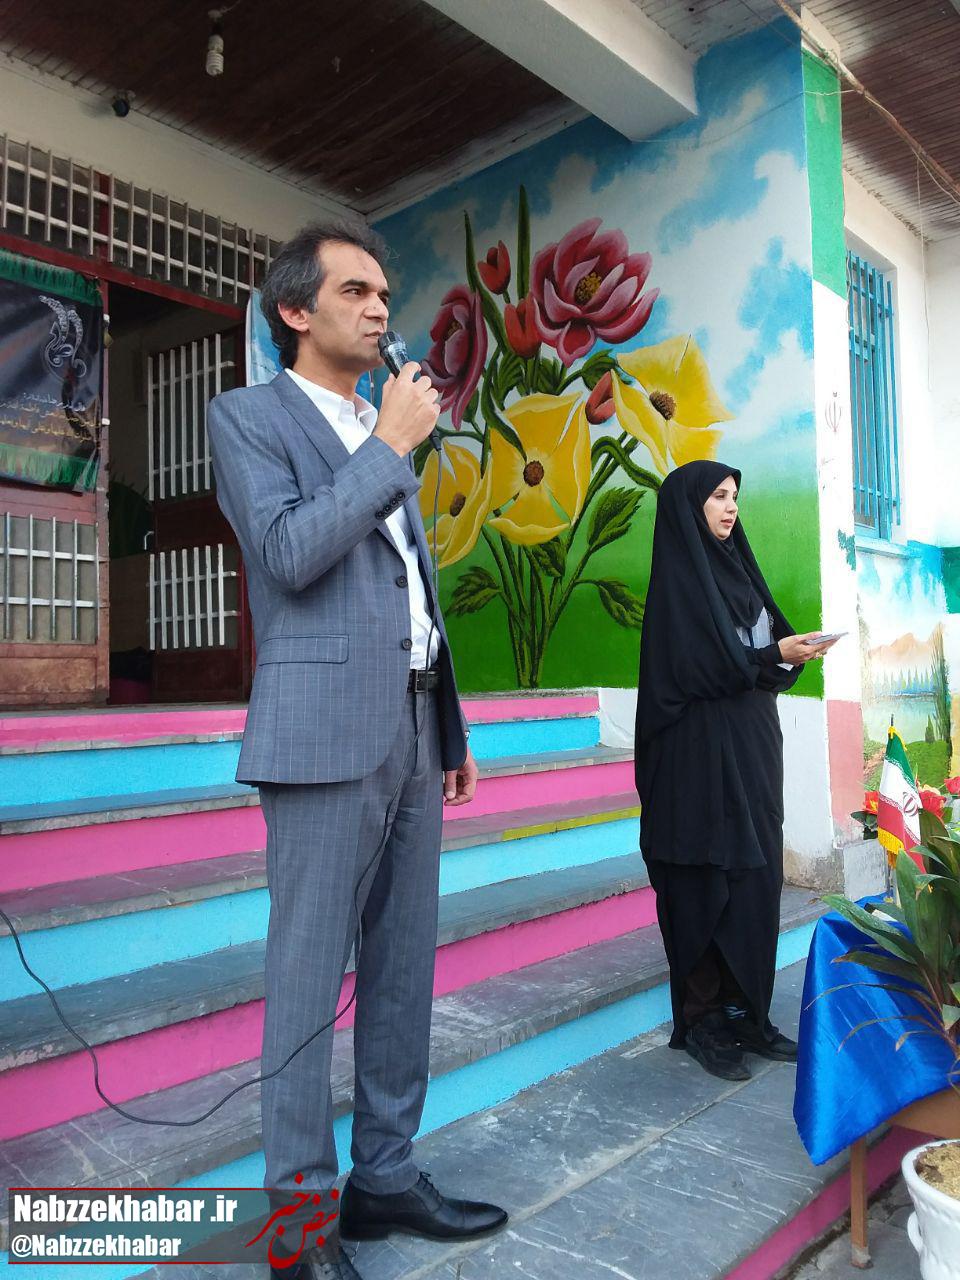 به مناسبت آغاز سال تحصیلی؛ نواختن زنگ مدرسه راه شهدای منطقه صف سر توسط مدیر منطقه ۴ شهرداری رشت